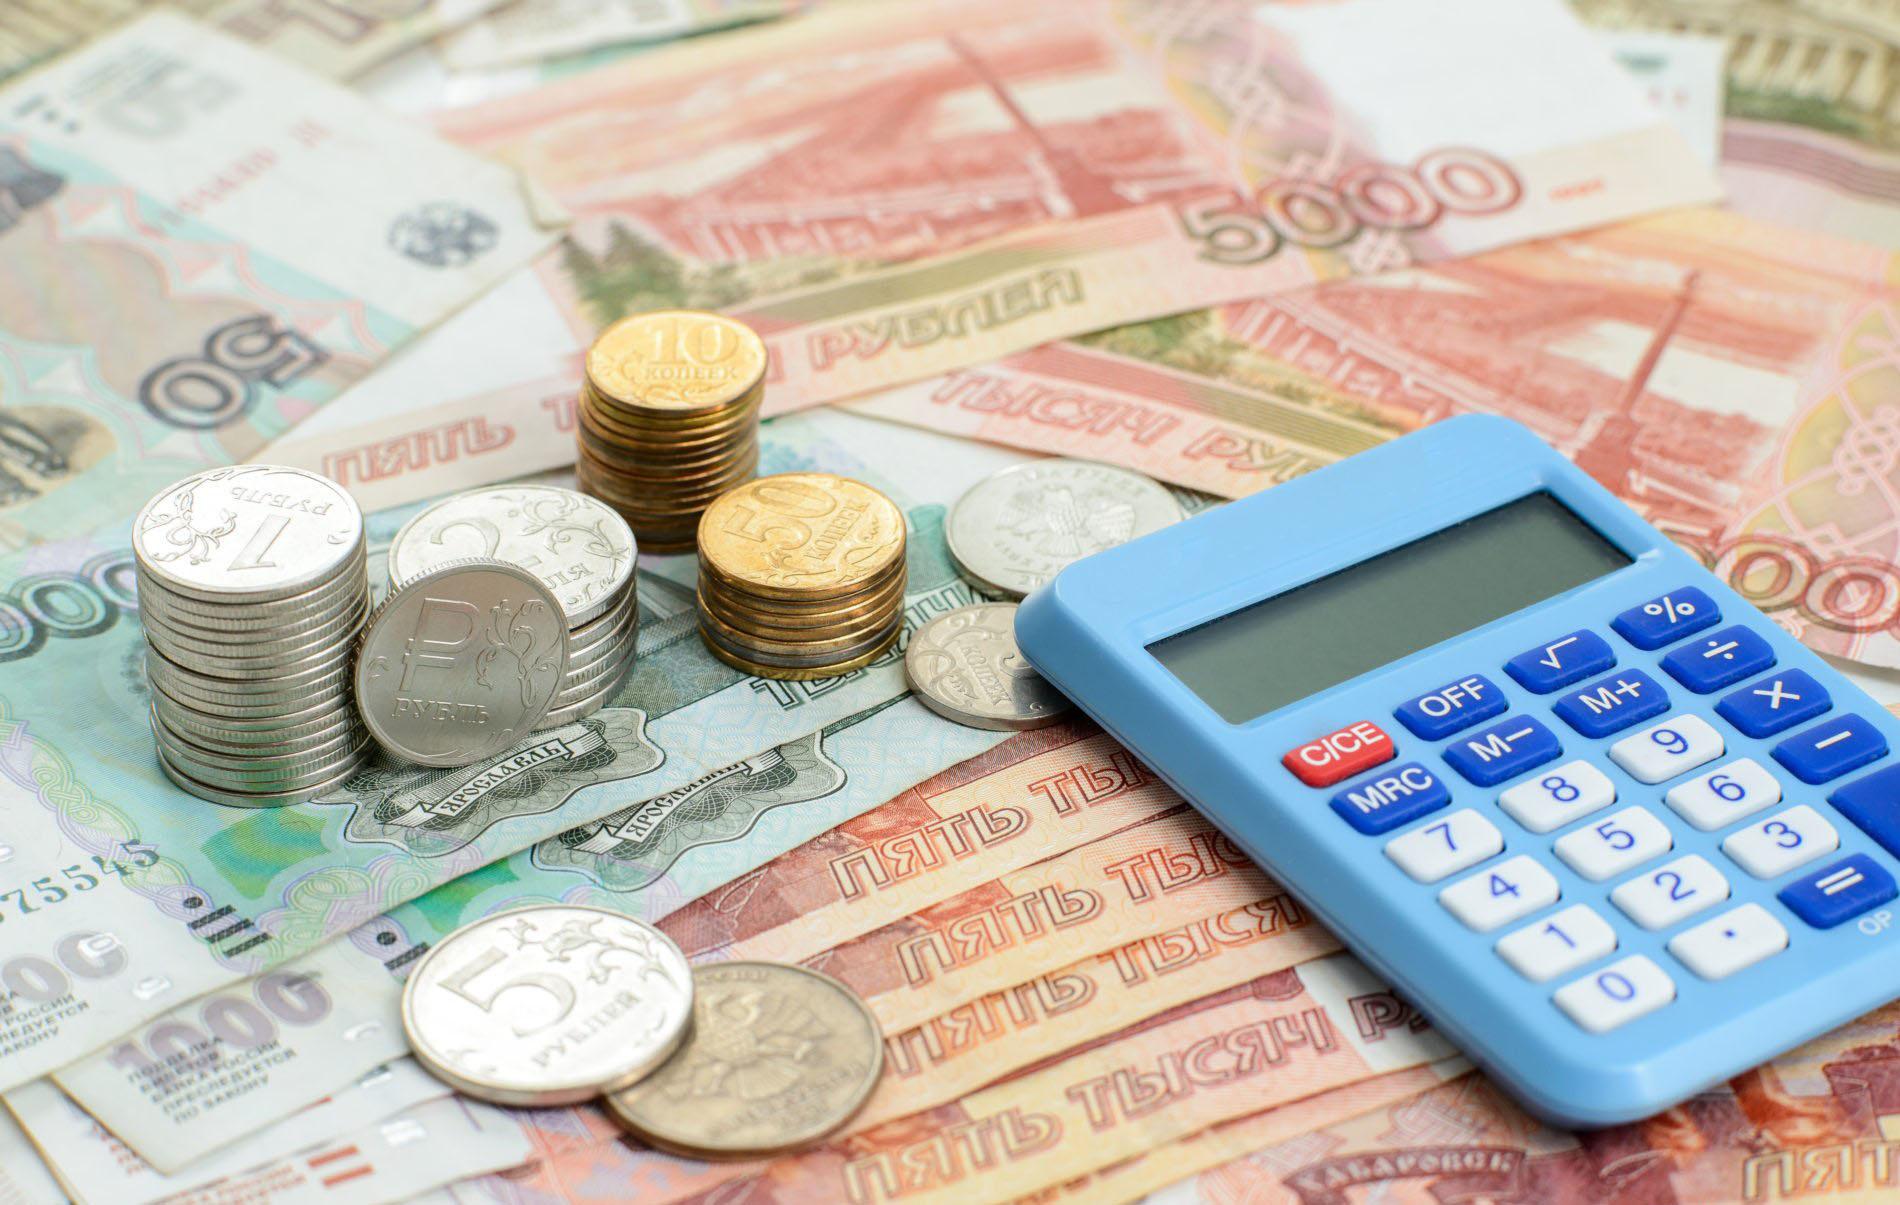 Эксперты прогнозируют рост числа кредитов населению до конца года на 20%